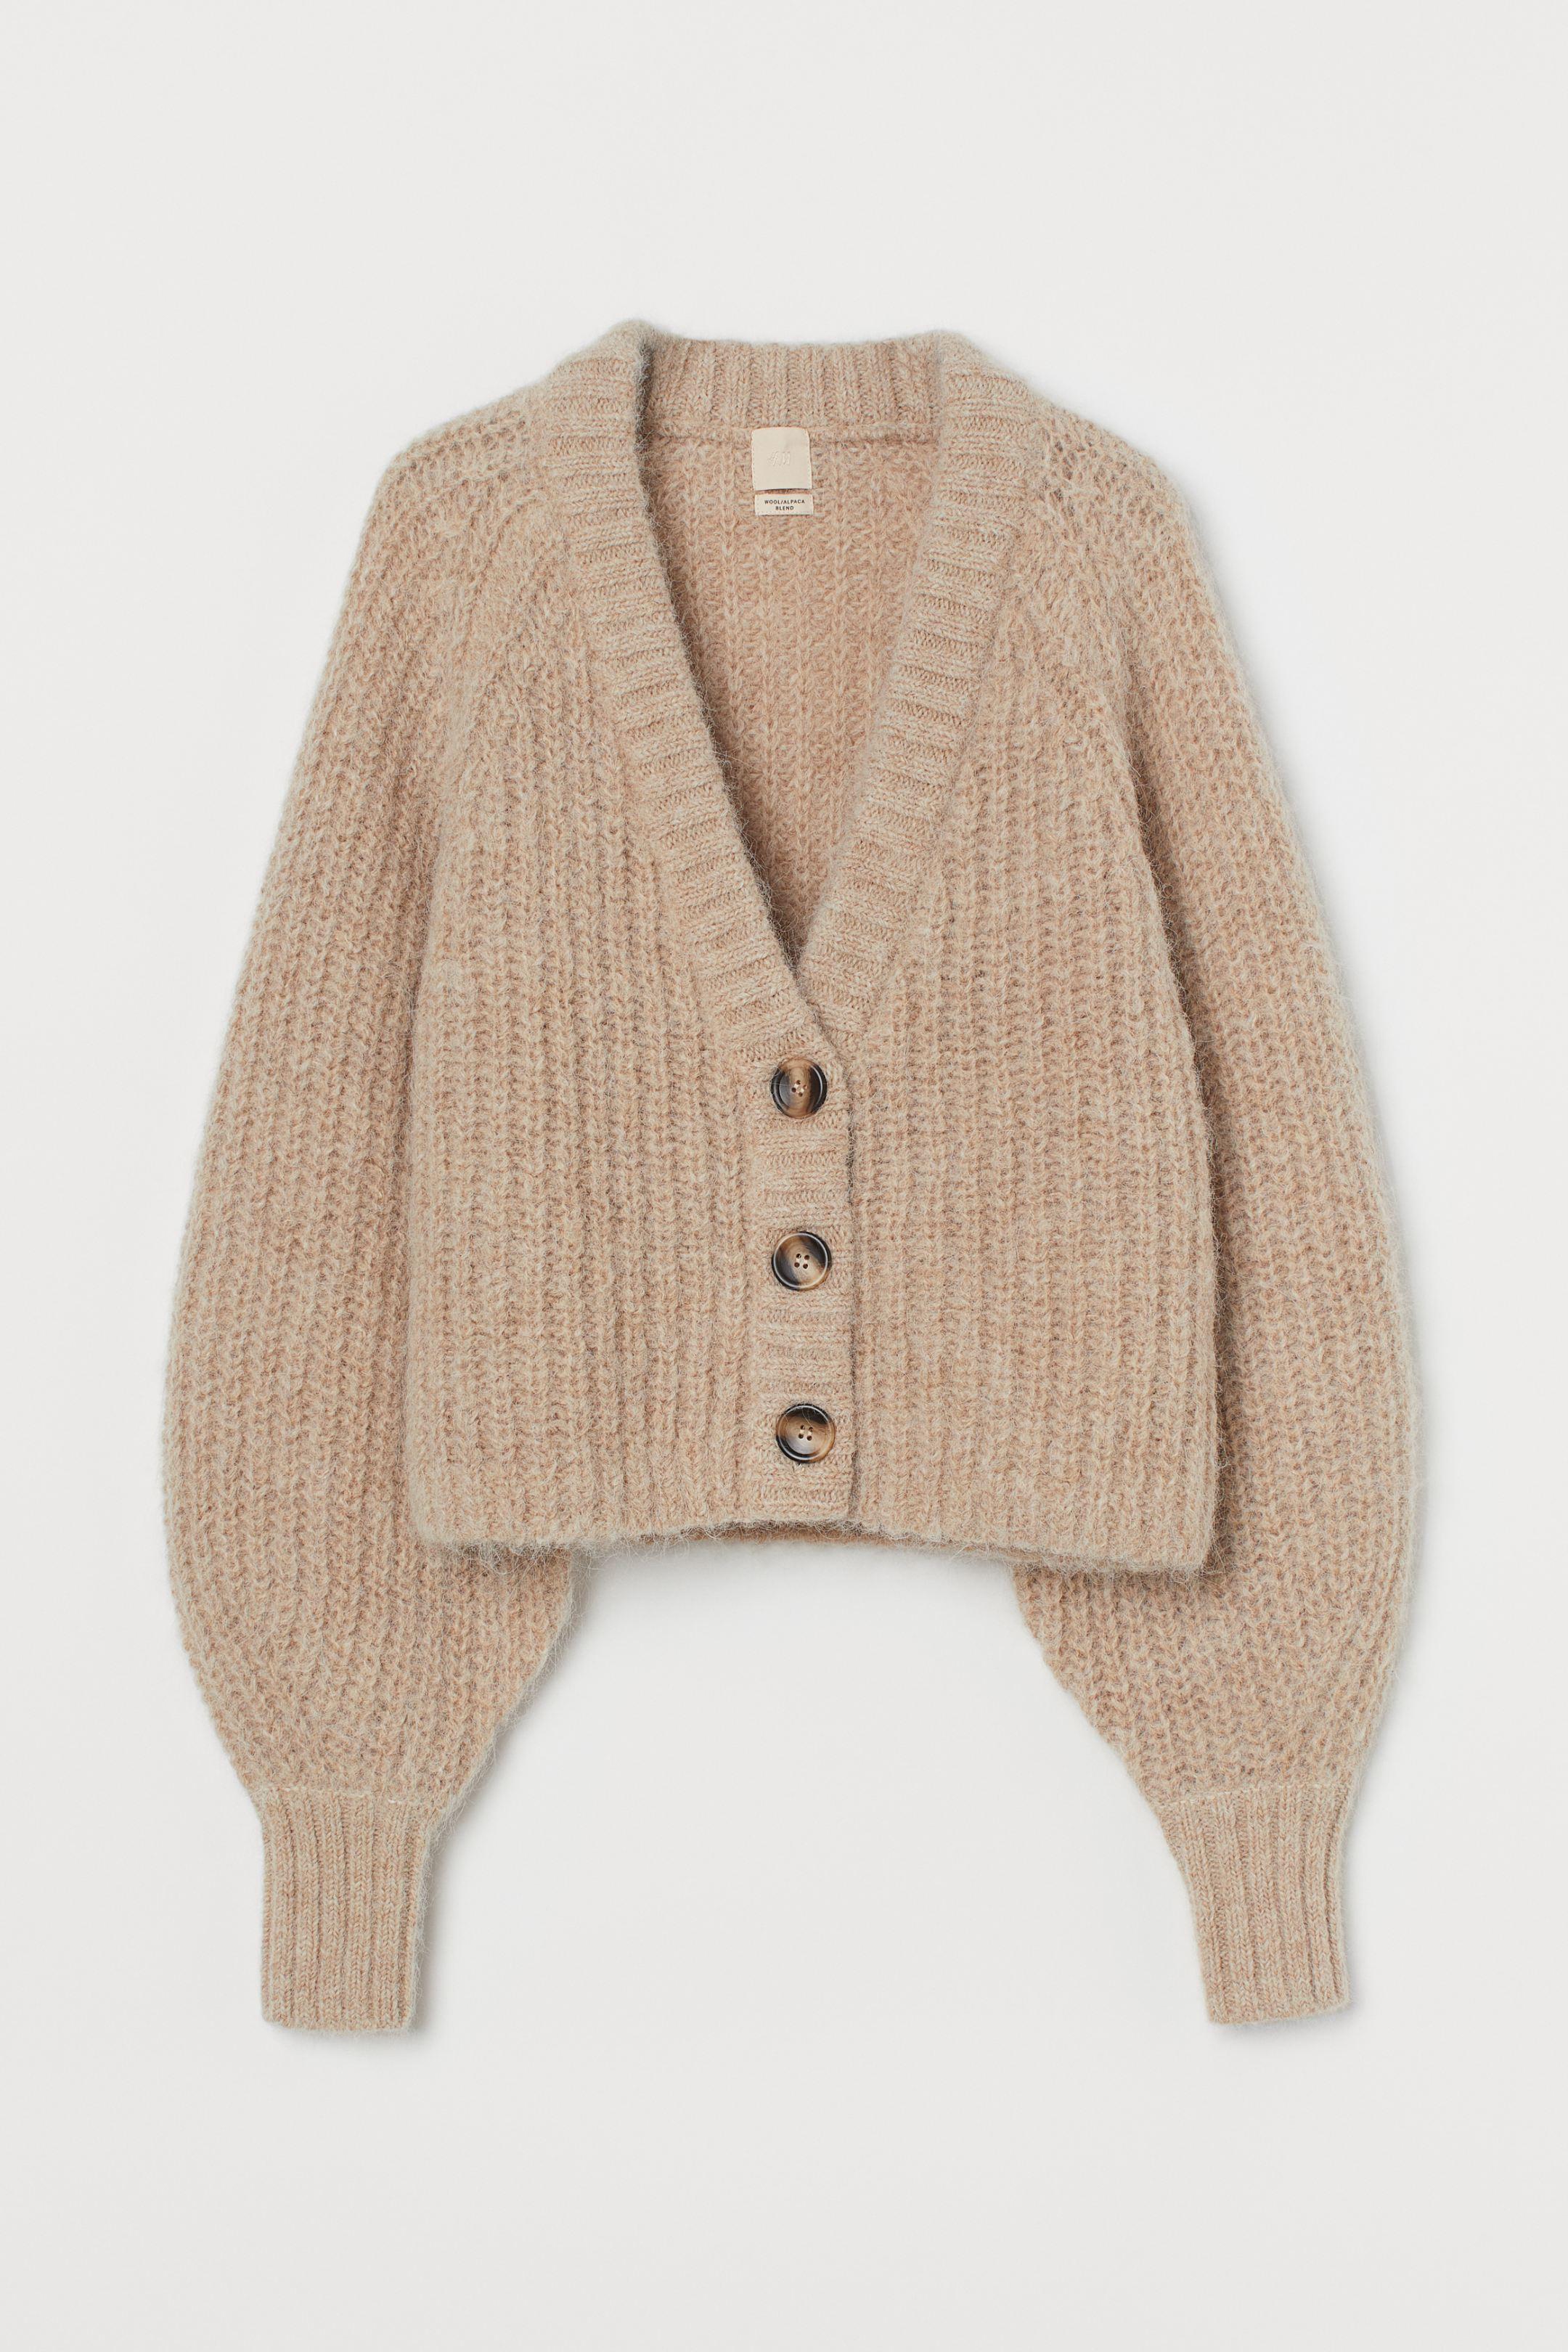 Cárdigan corto en punto de mezcla de lana y alpaca para un acabado suave con pelo. Escote de pico, botones delante y mangas amplias algo más ceñidas en los puños.